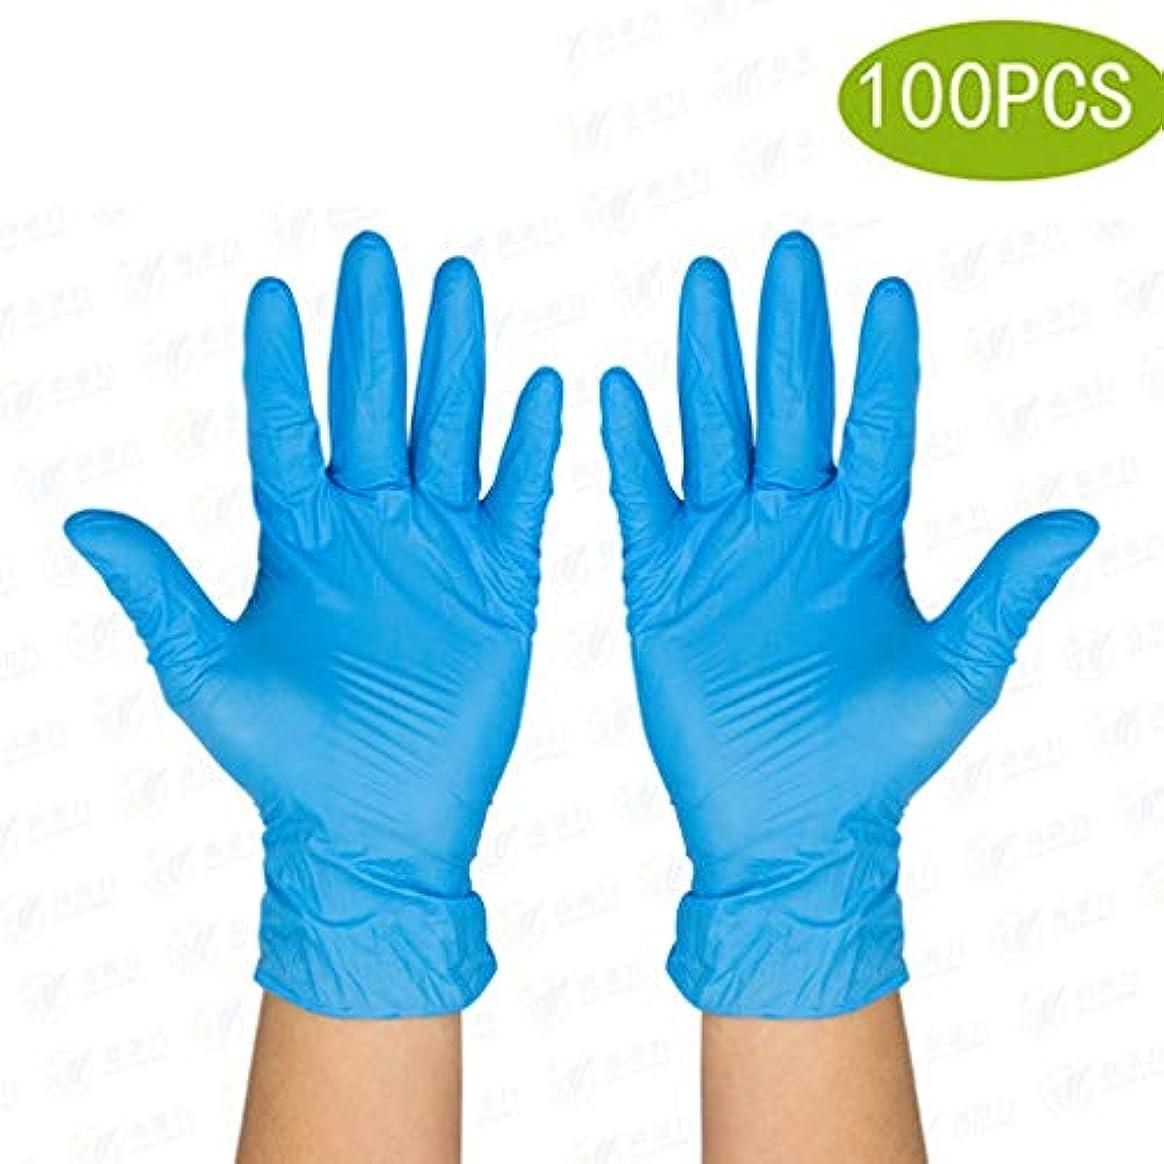 シマウマ作ります添加保護用使い捨てニトリル医療用手袋、3mil、ラテックスフリー、試験グレードの手袋、質感のある、両性、非滅菌の、100ラテックス手袋のパック (Color : Blue, Size : L)